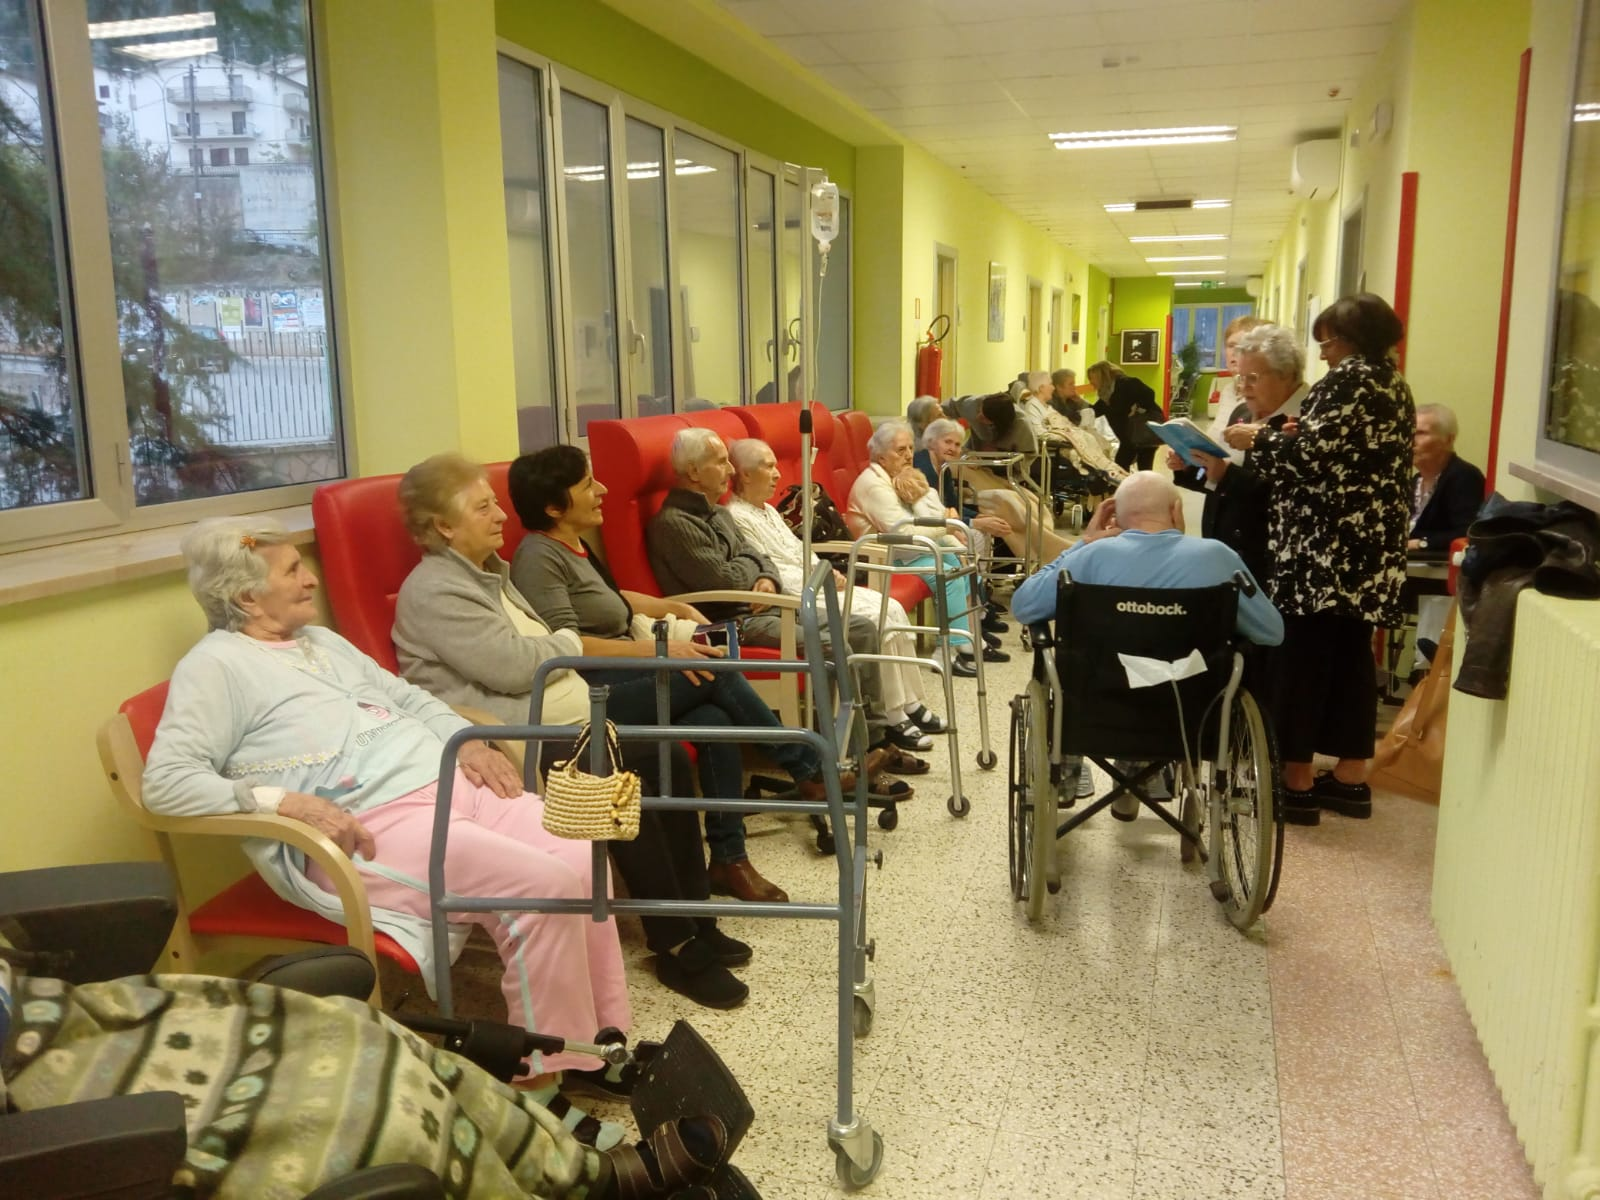 Pazienti con Alzheimer stimolati con canti popolari pugliesi.